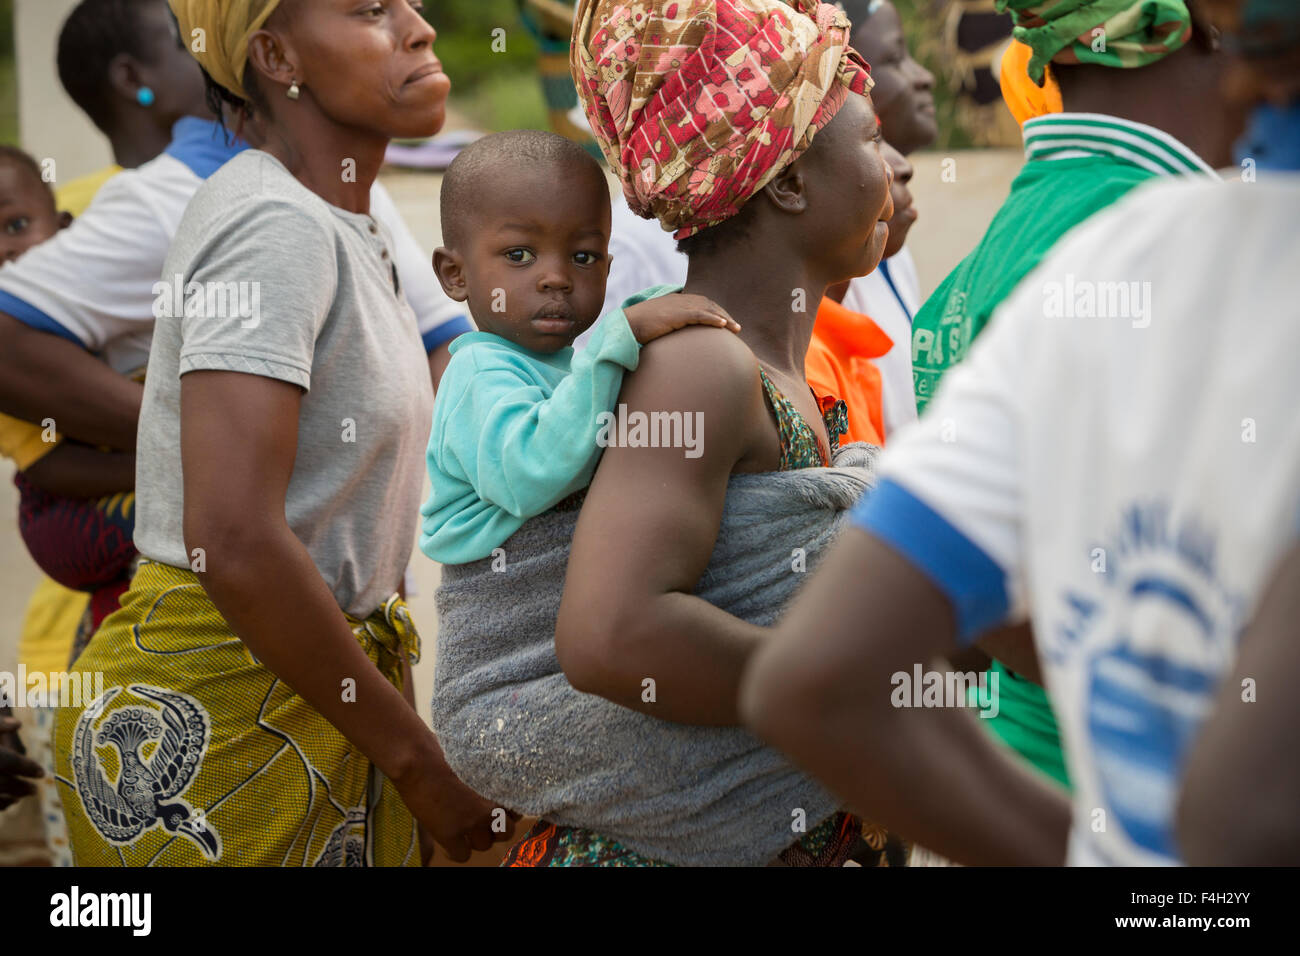 La madre e il bambino nel Villaggio di Vea, Bolgatanga distretto, Ghana. Immagini Stock